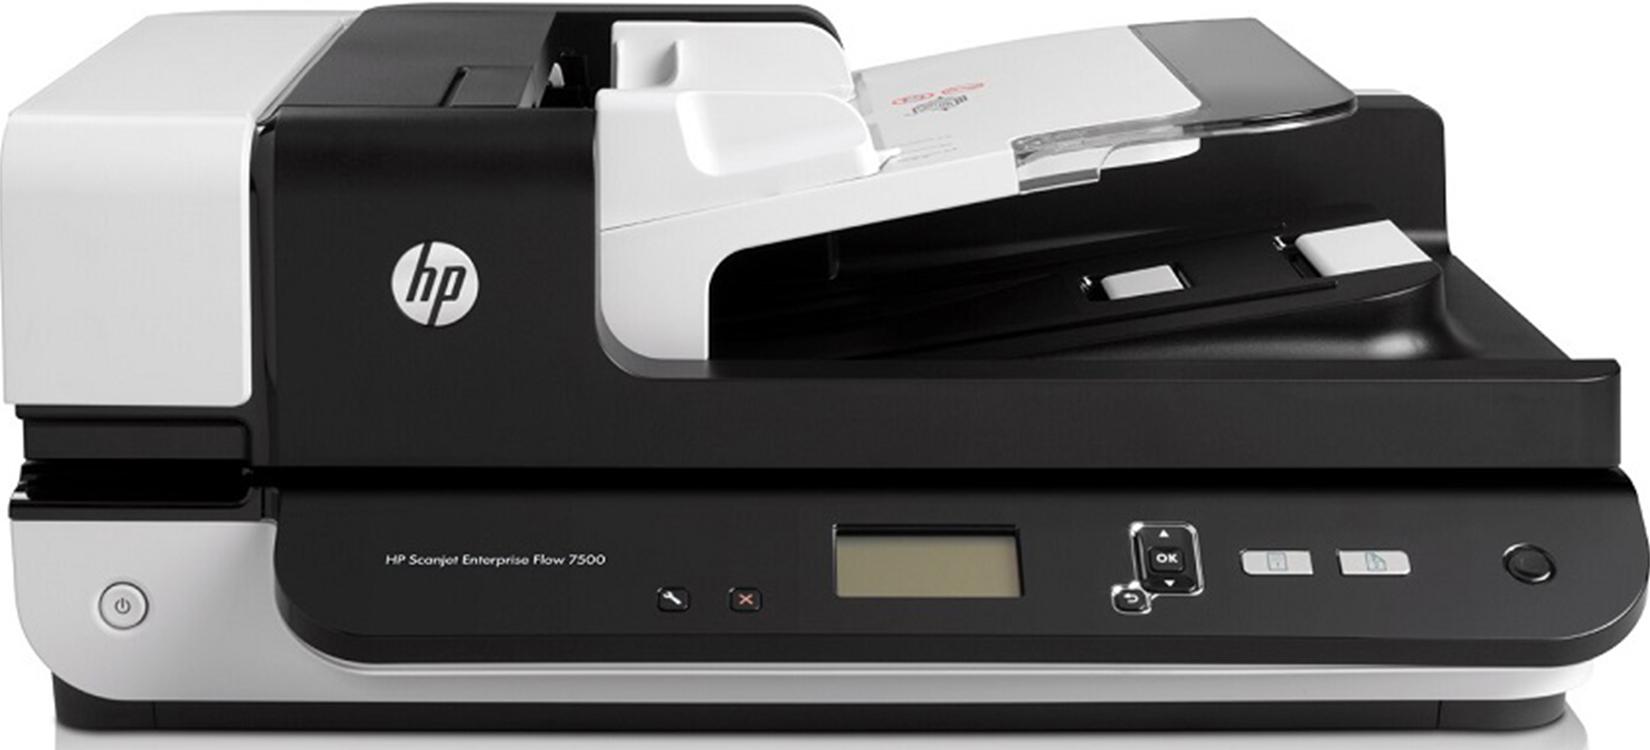 Scanner HP ENT7500_2